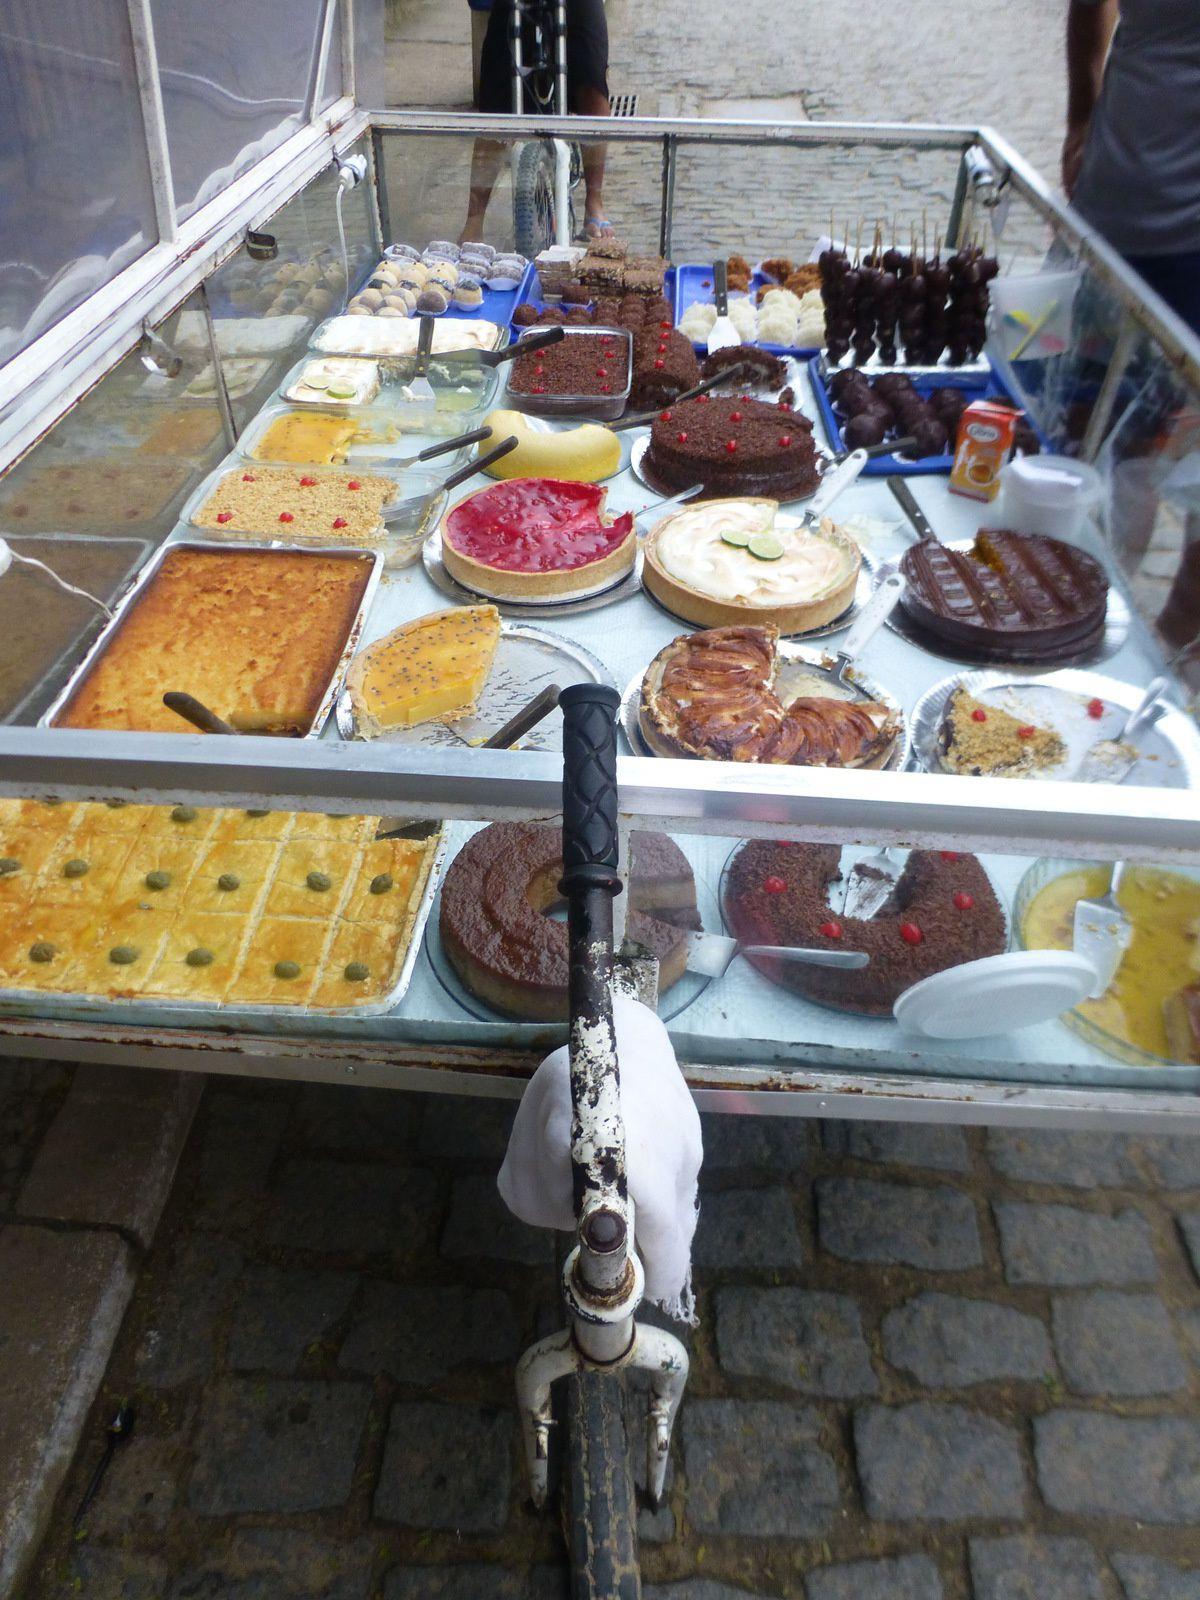 les charrettes de gâteaux faits maison - Ci-dessous, Rando à travers la forêt tropicale pour arriver sur la jolie petite crique de Feticeira